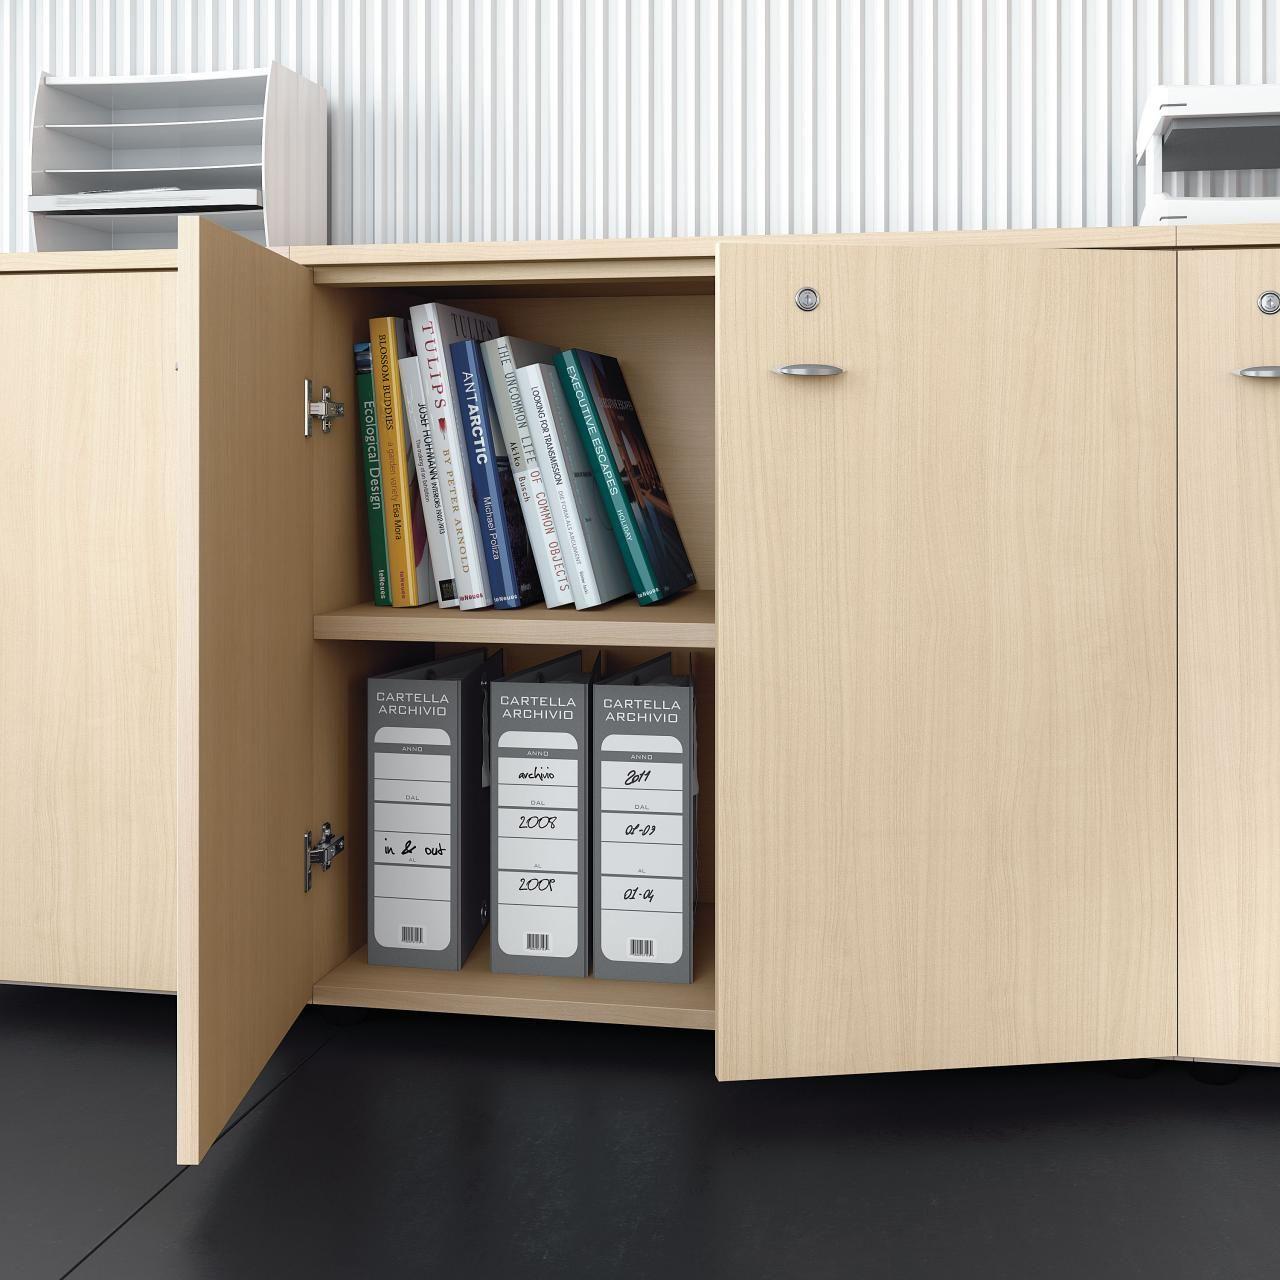 Contenitori universali mobile ufficio con serratura by las for Mobile ufficio con serratura